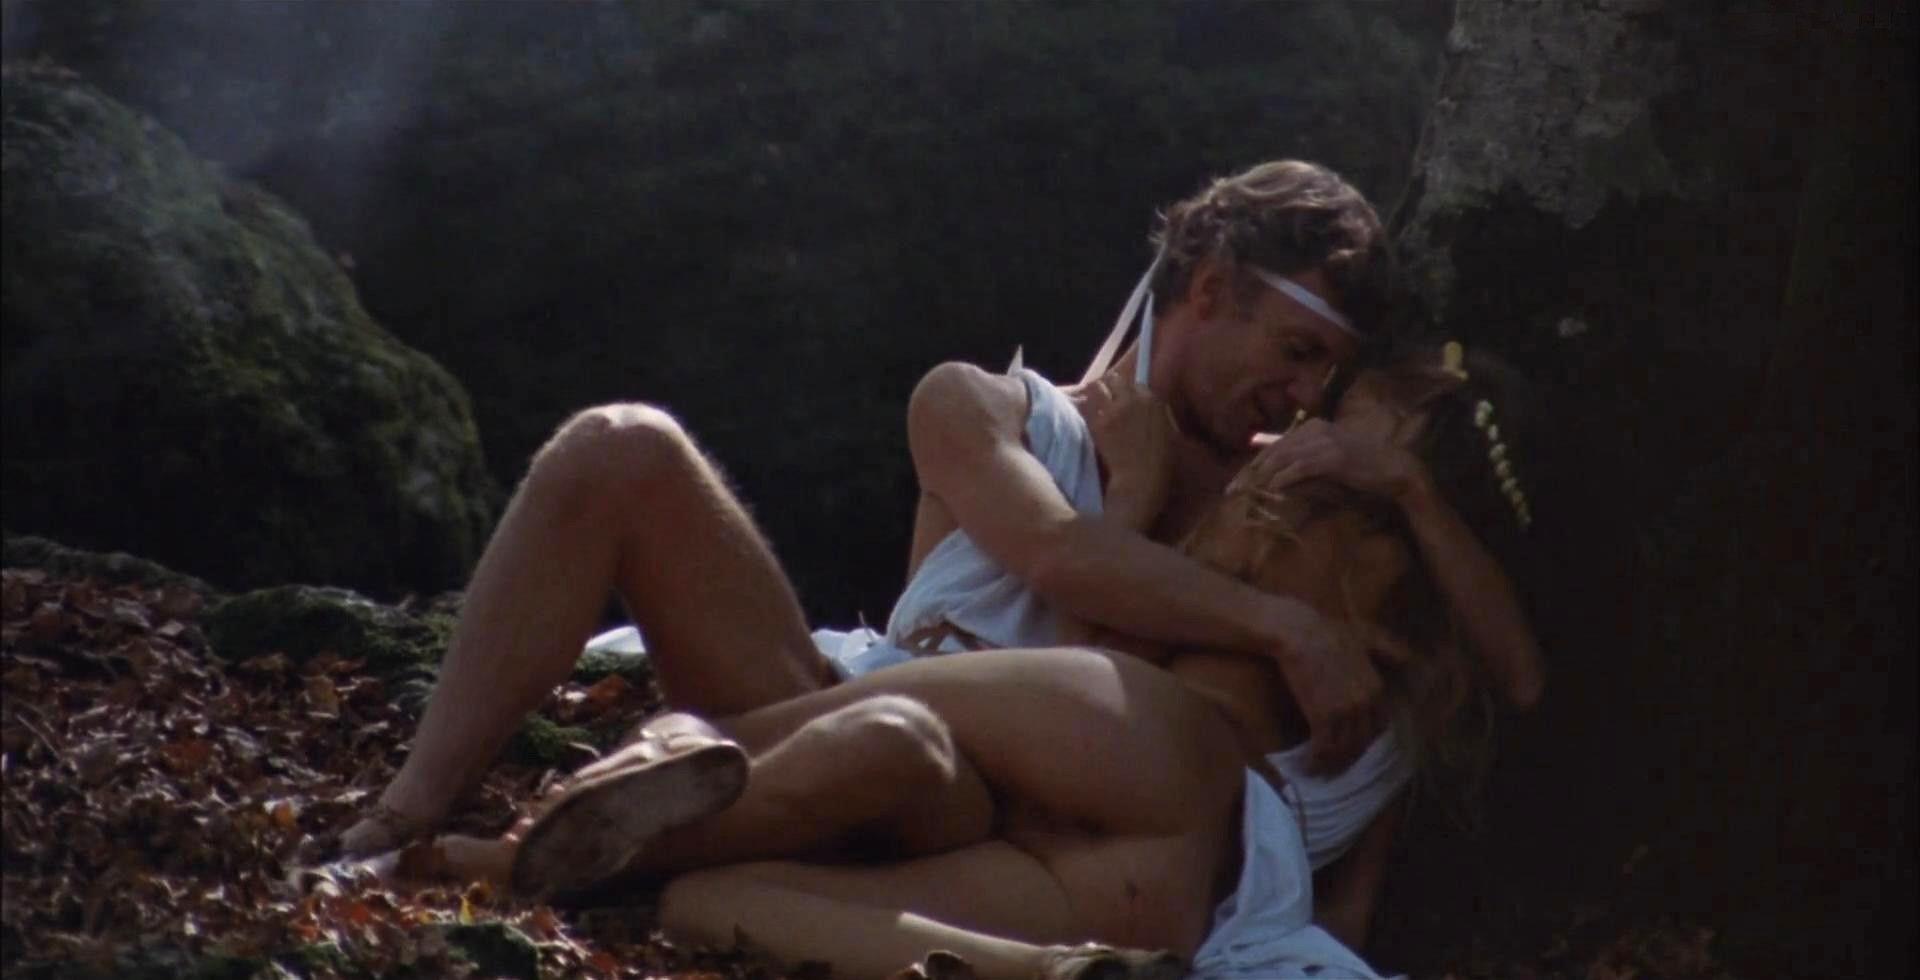 Эротические моменты из фильмов на видеокассетах